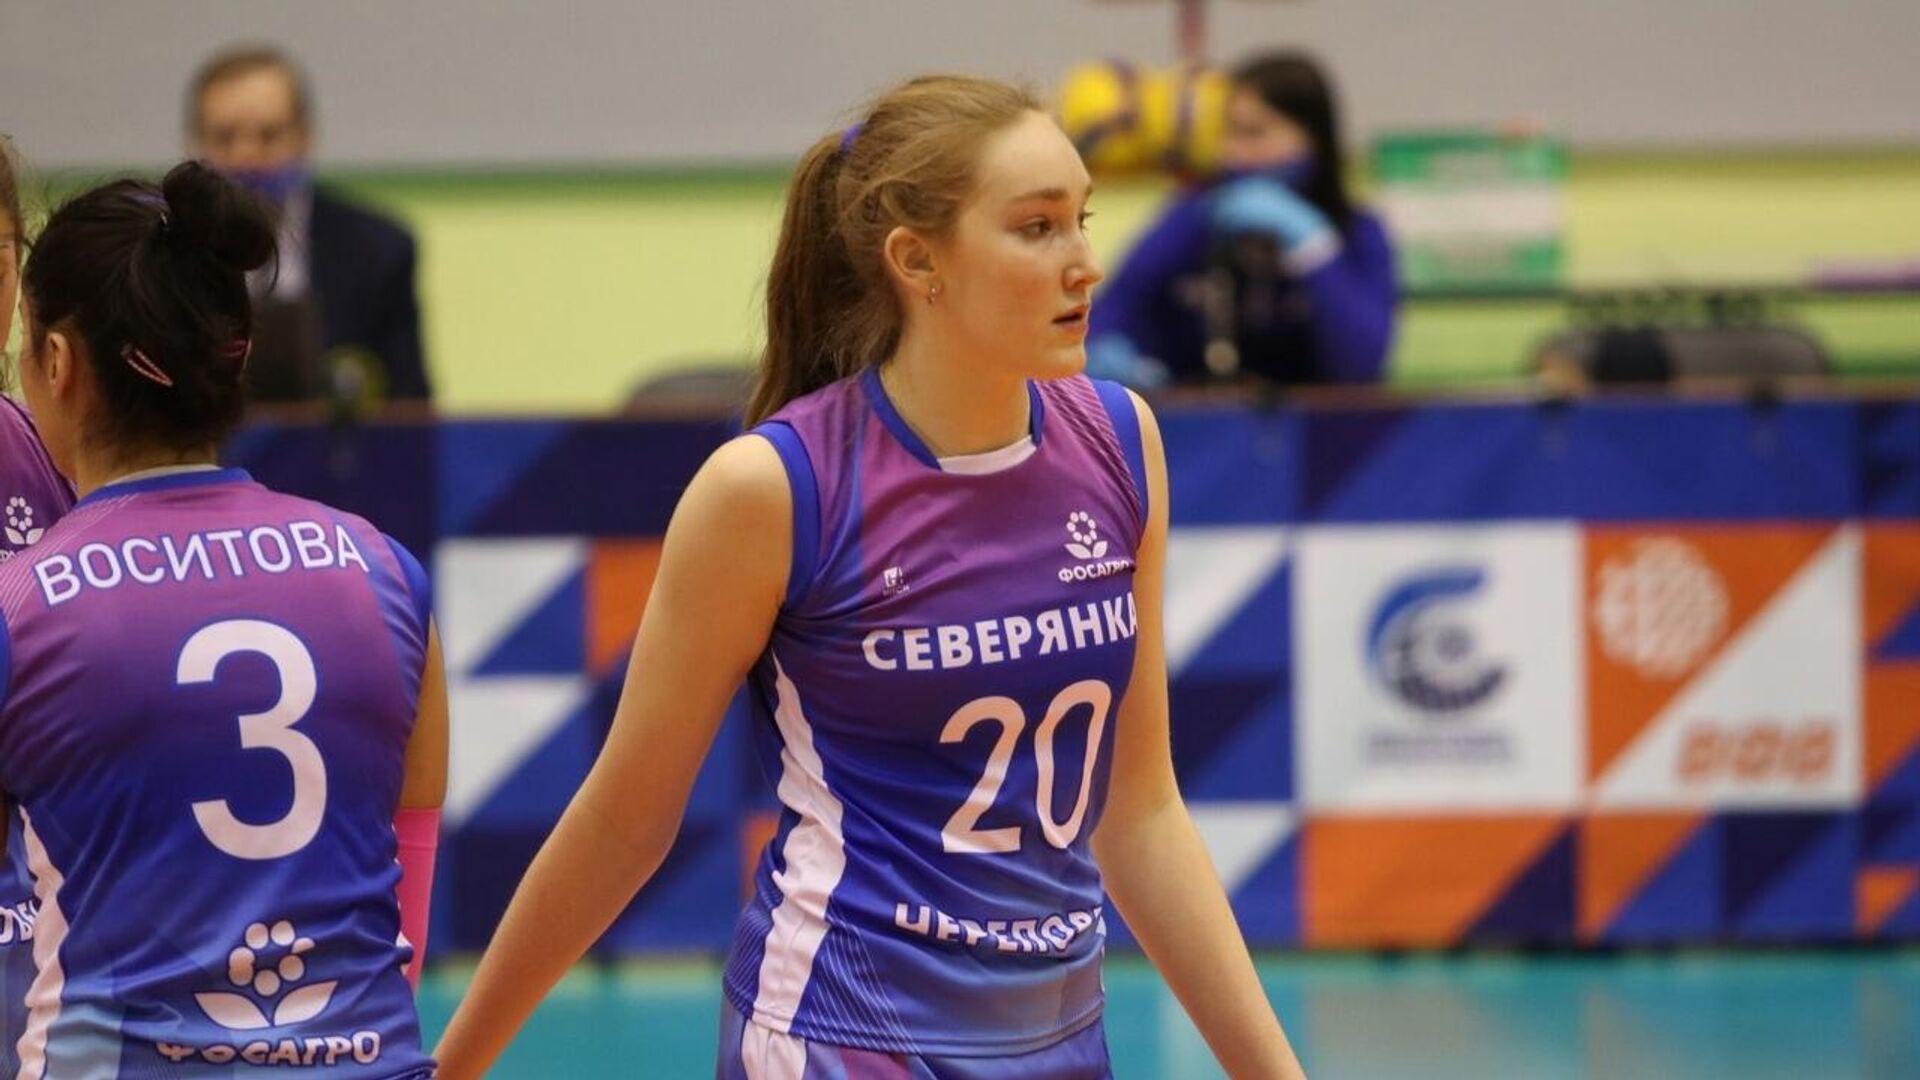 Российская волейболистка Наталья Суворова признана MVP юниорского чемпионата мира